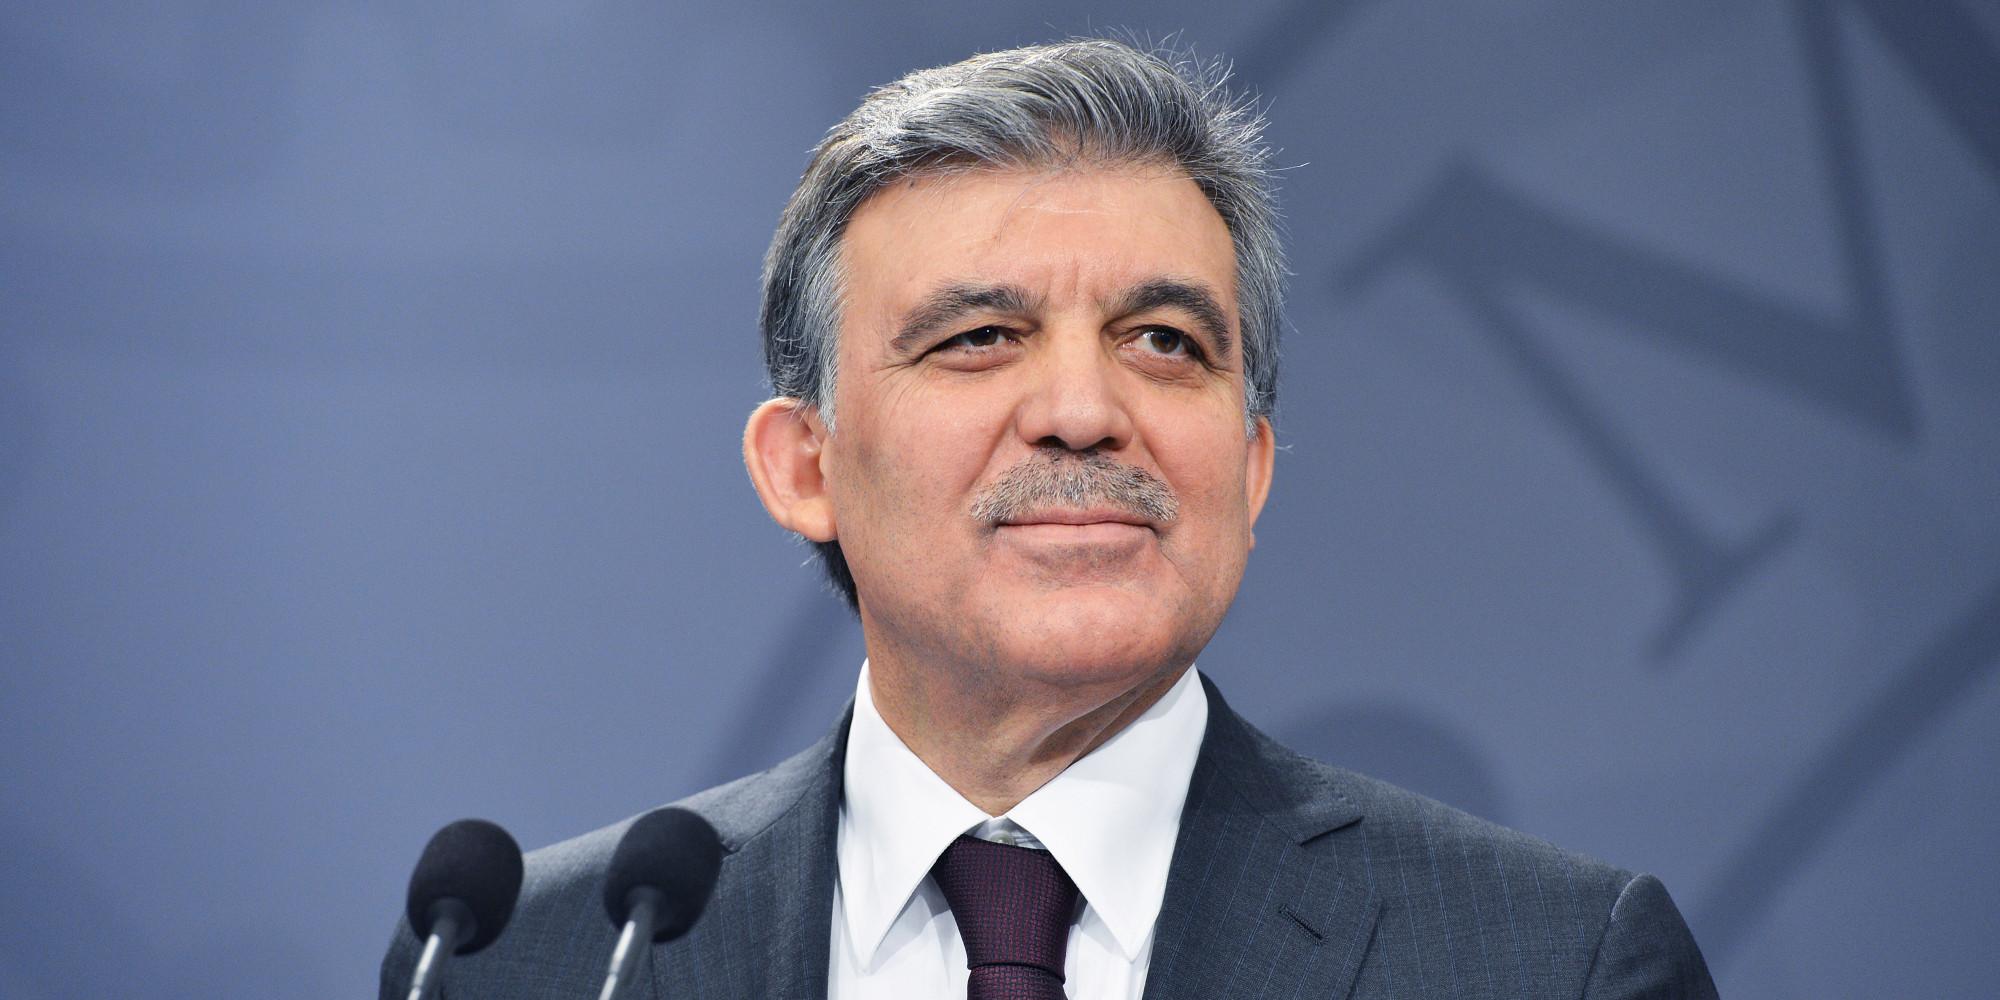 11. Cumhurbaşkanı Abdullah Gül'ün danışmanı FETÖ'den tutuklandı